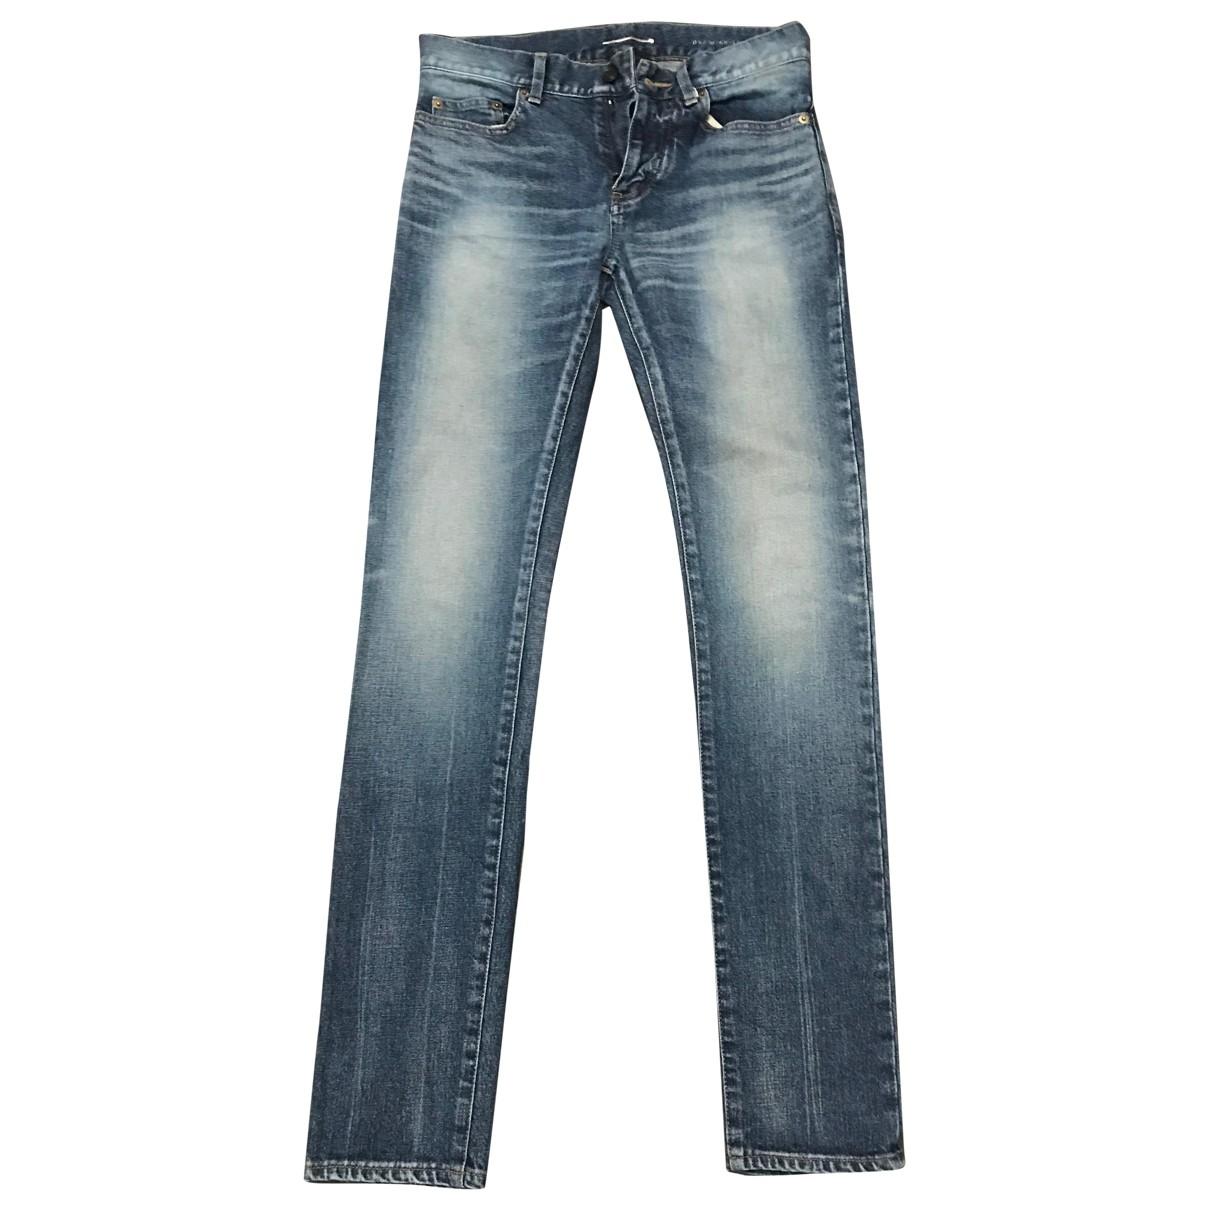 Saint Laurent \N Blue Cotton - elasthane Jeans for Men 28 US